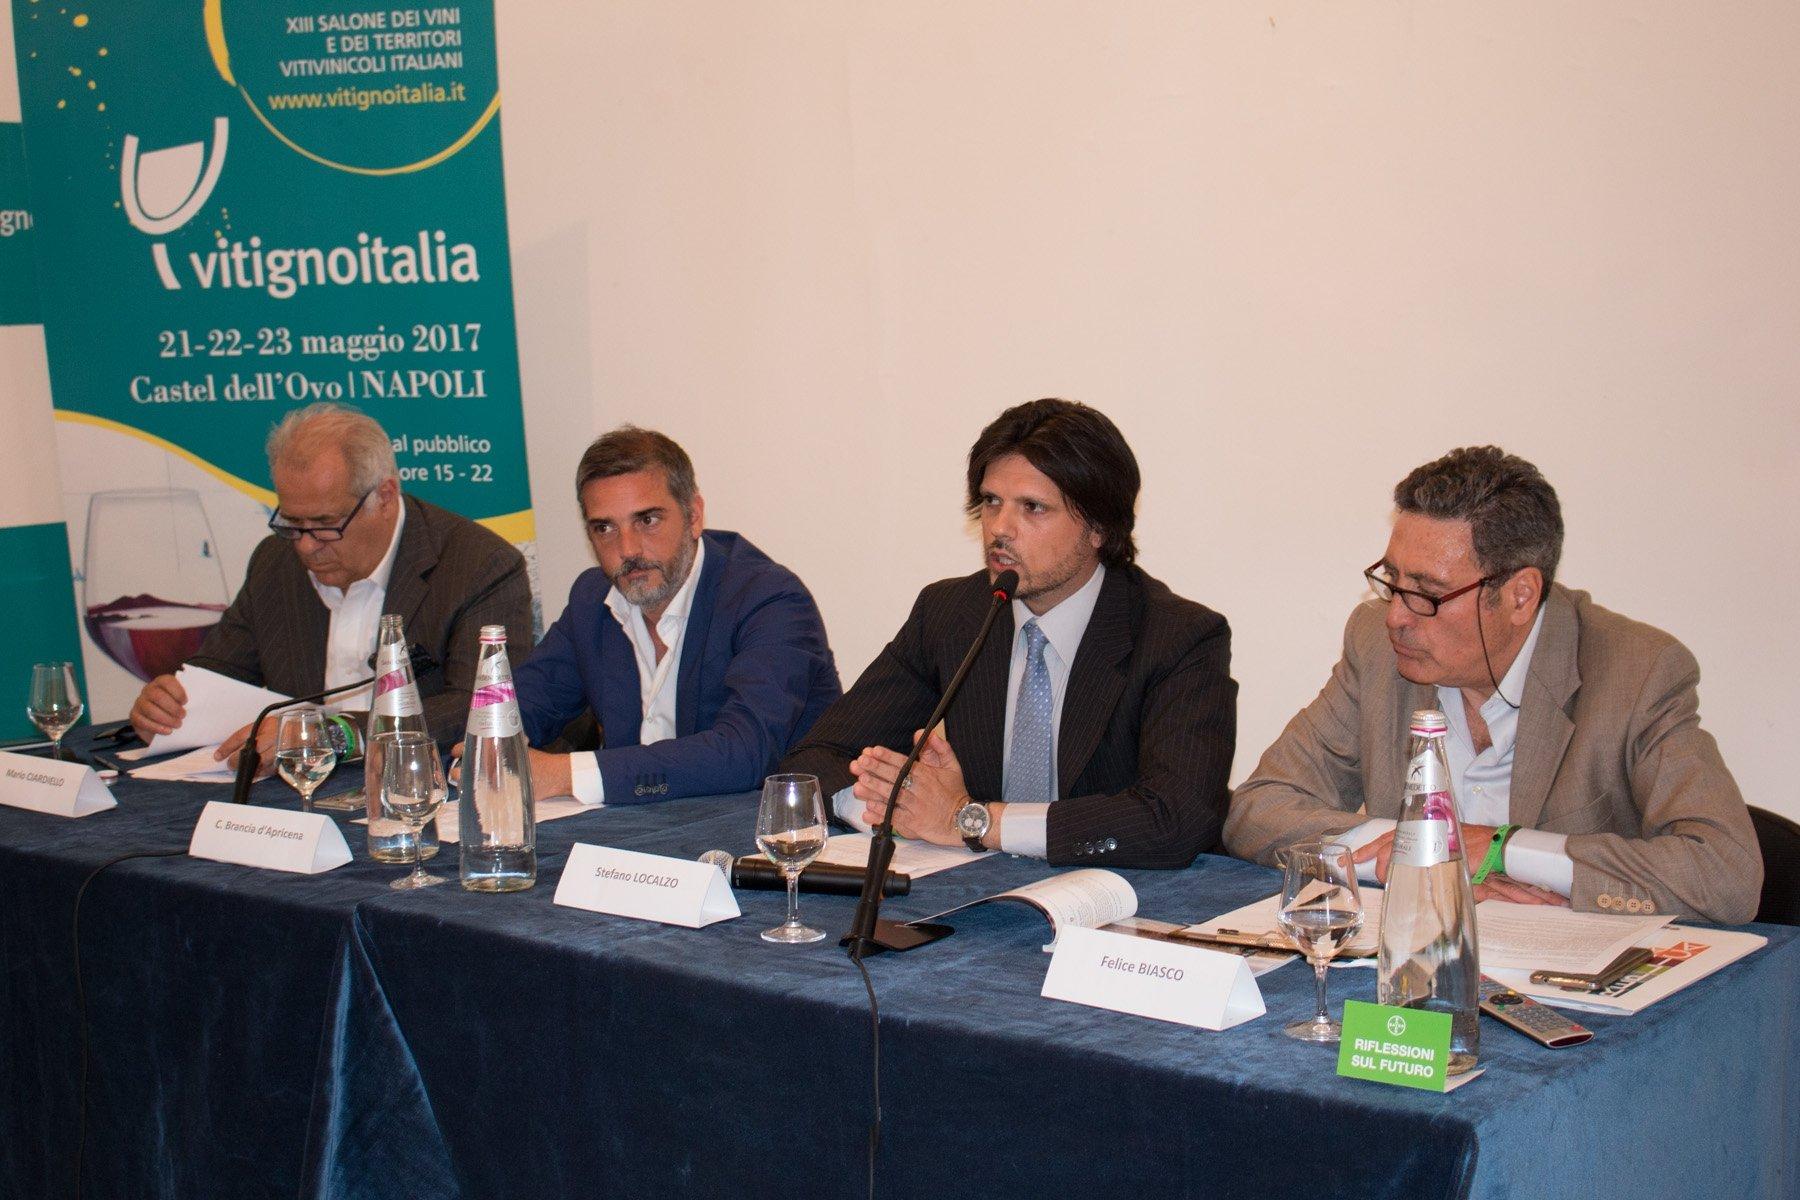 L'agricoltura del futuro è sostenibile, aziende, produttori, consumatori e media si sono incontrati a Napoli